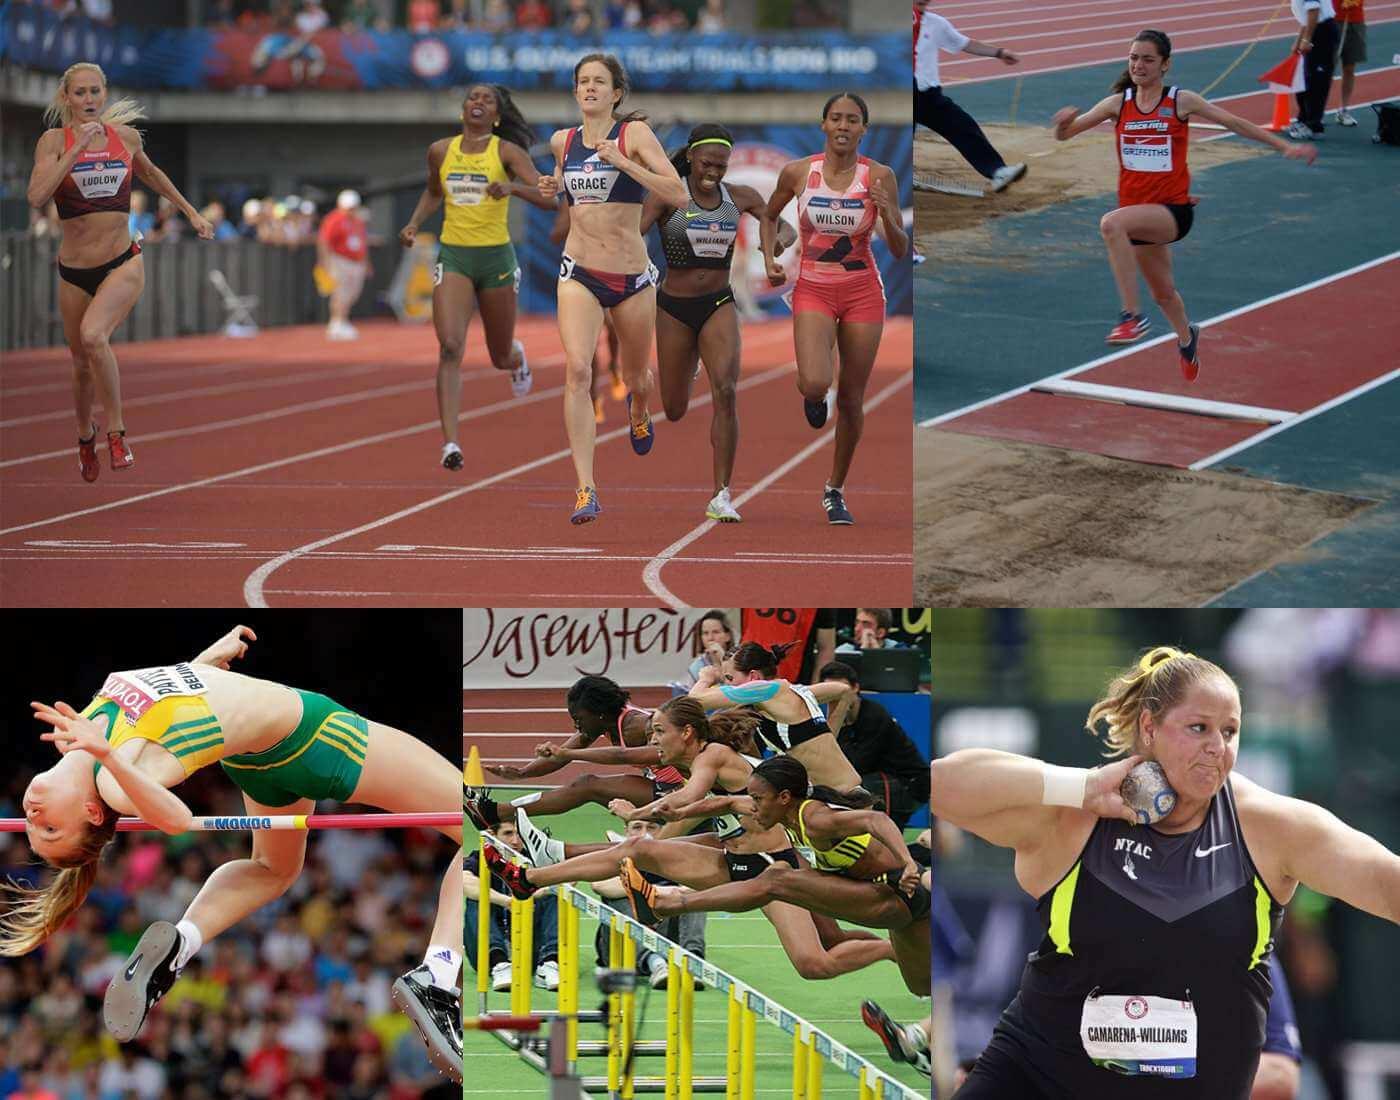 Pentathlon athletic